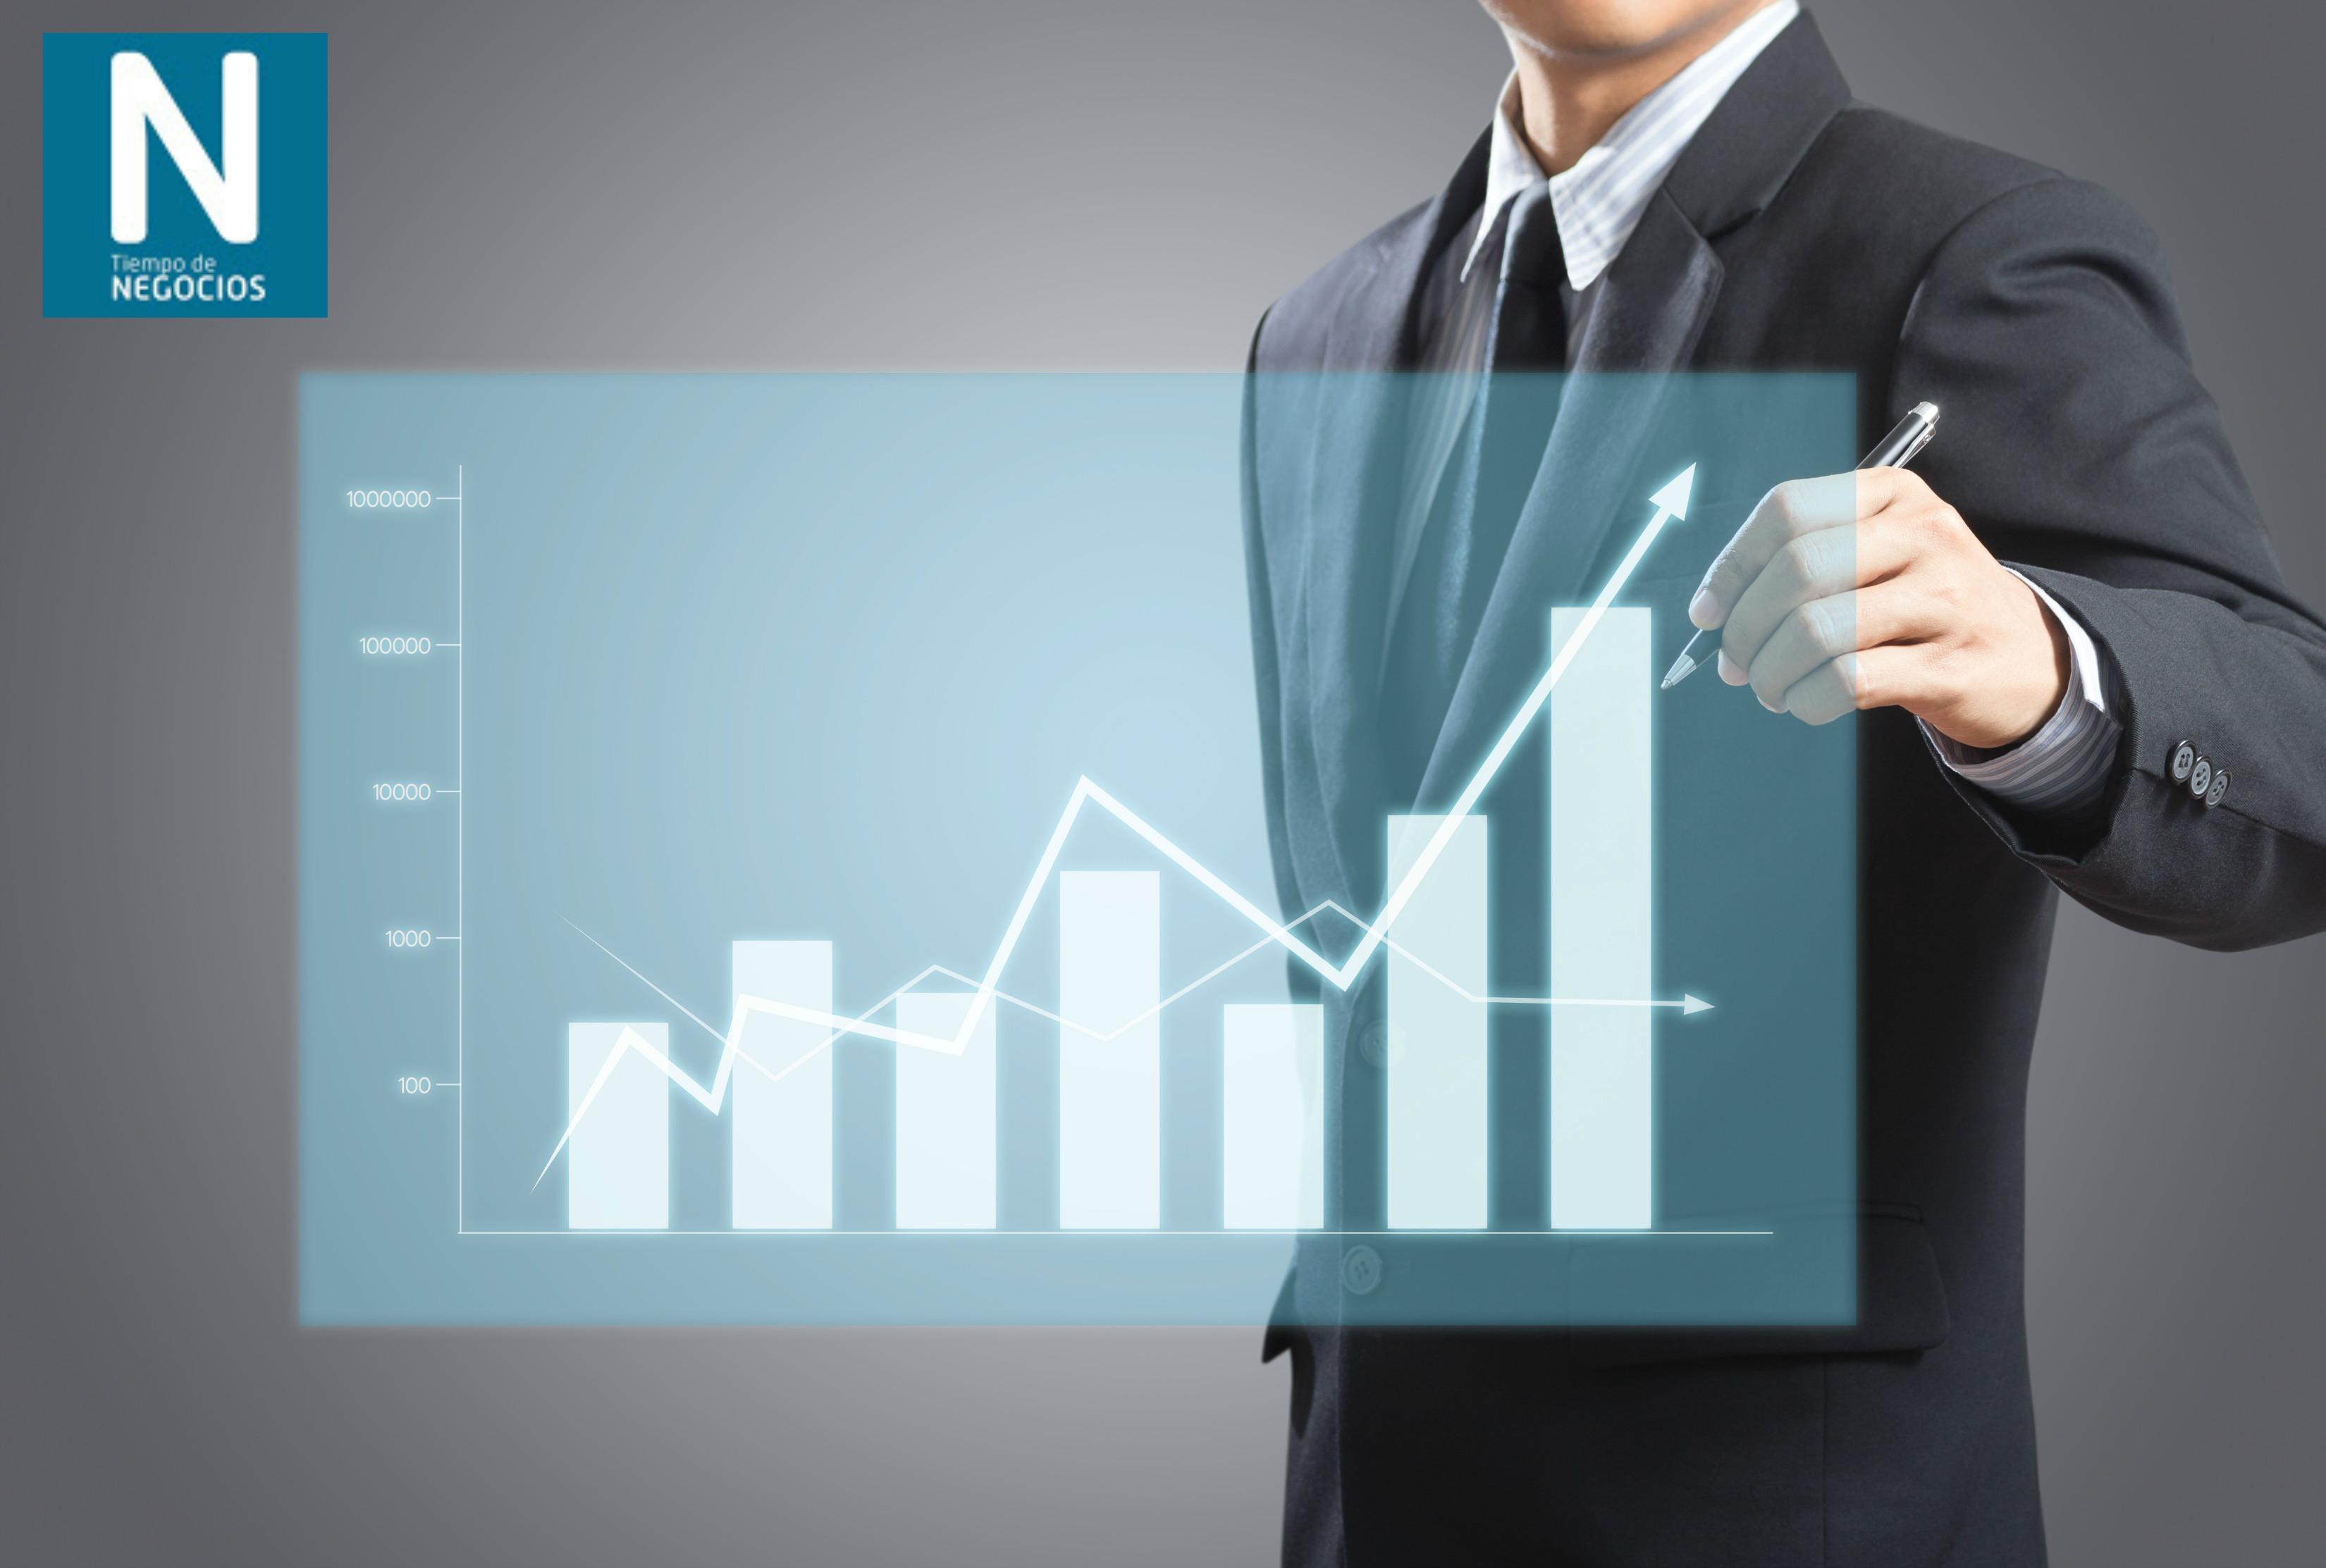 Contratar servicios de marketing para hacer crecer negocio